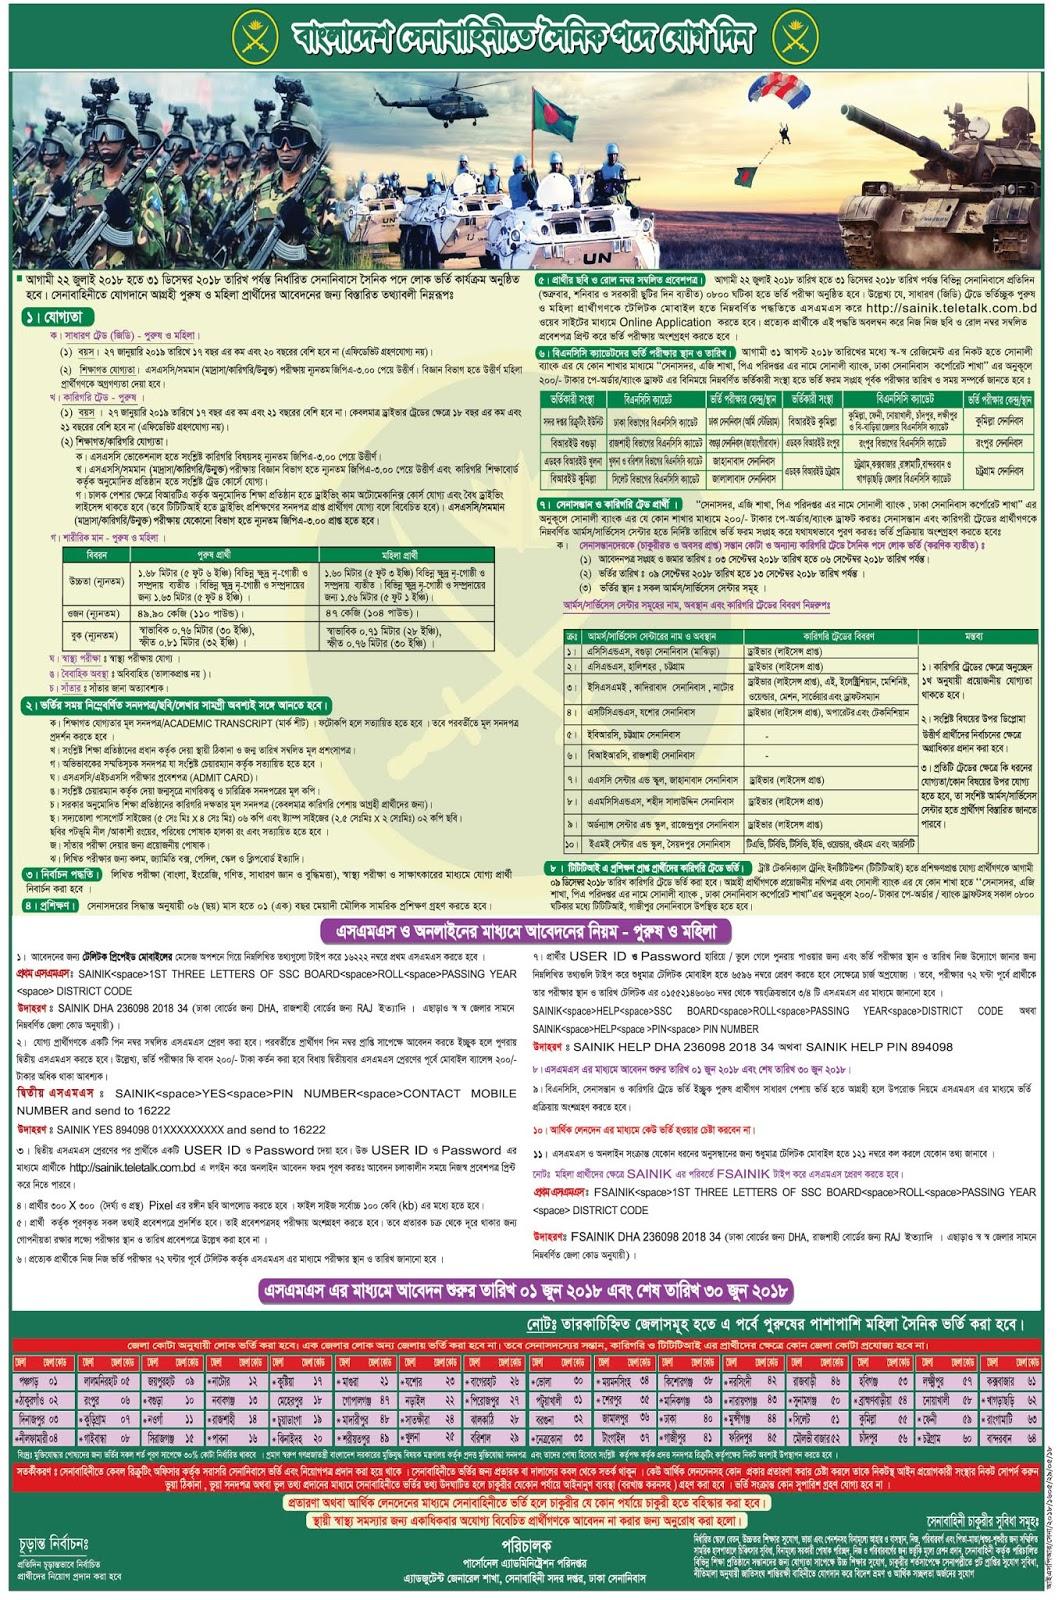 Bangladesh Army Job Circular 2019 JOIN BANGLADESH ARMY 1